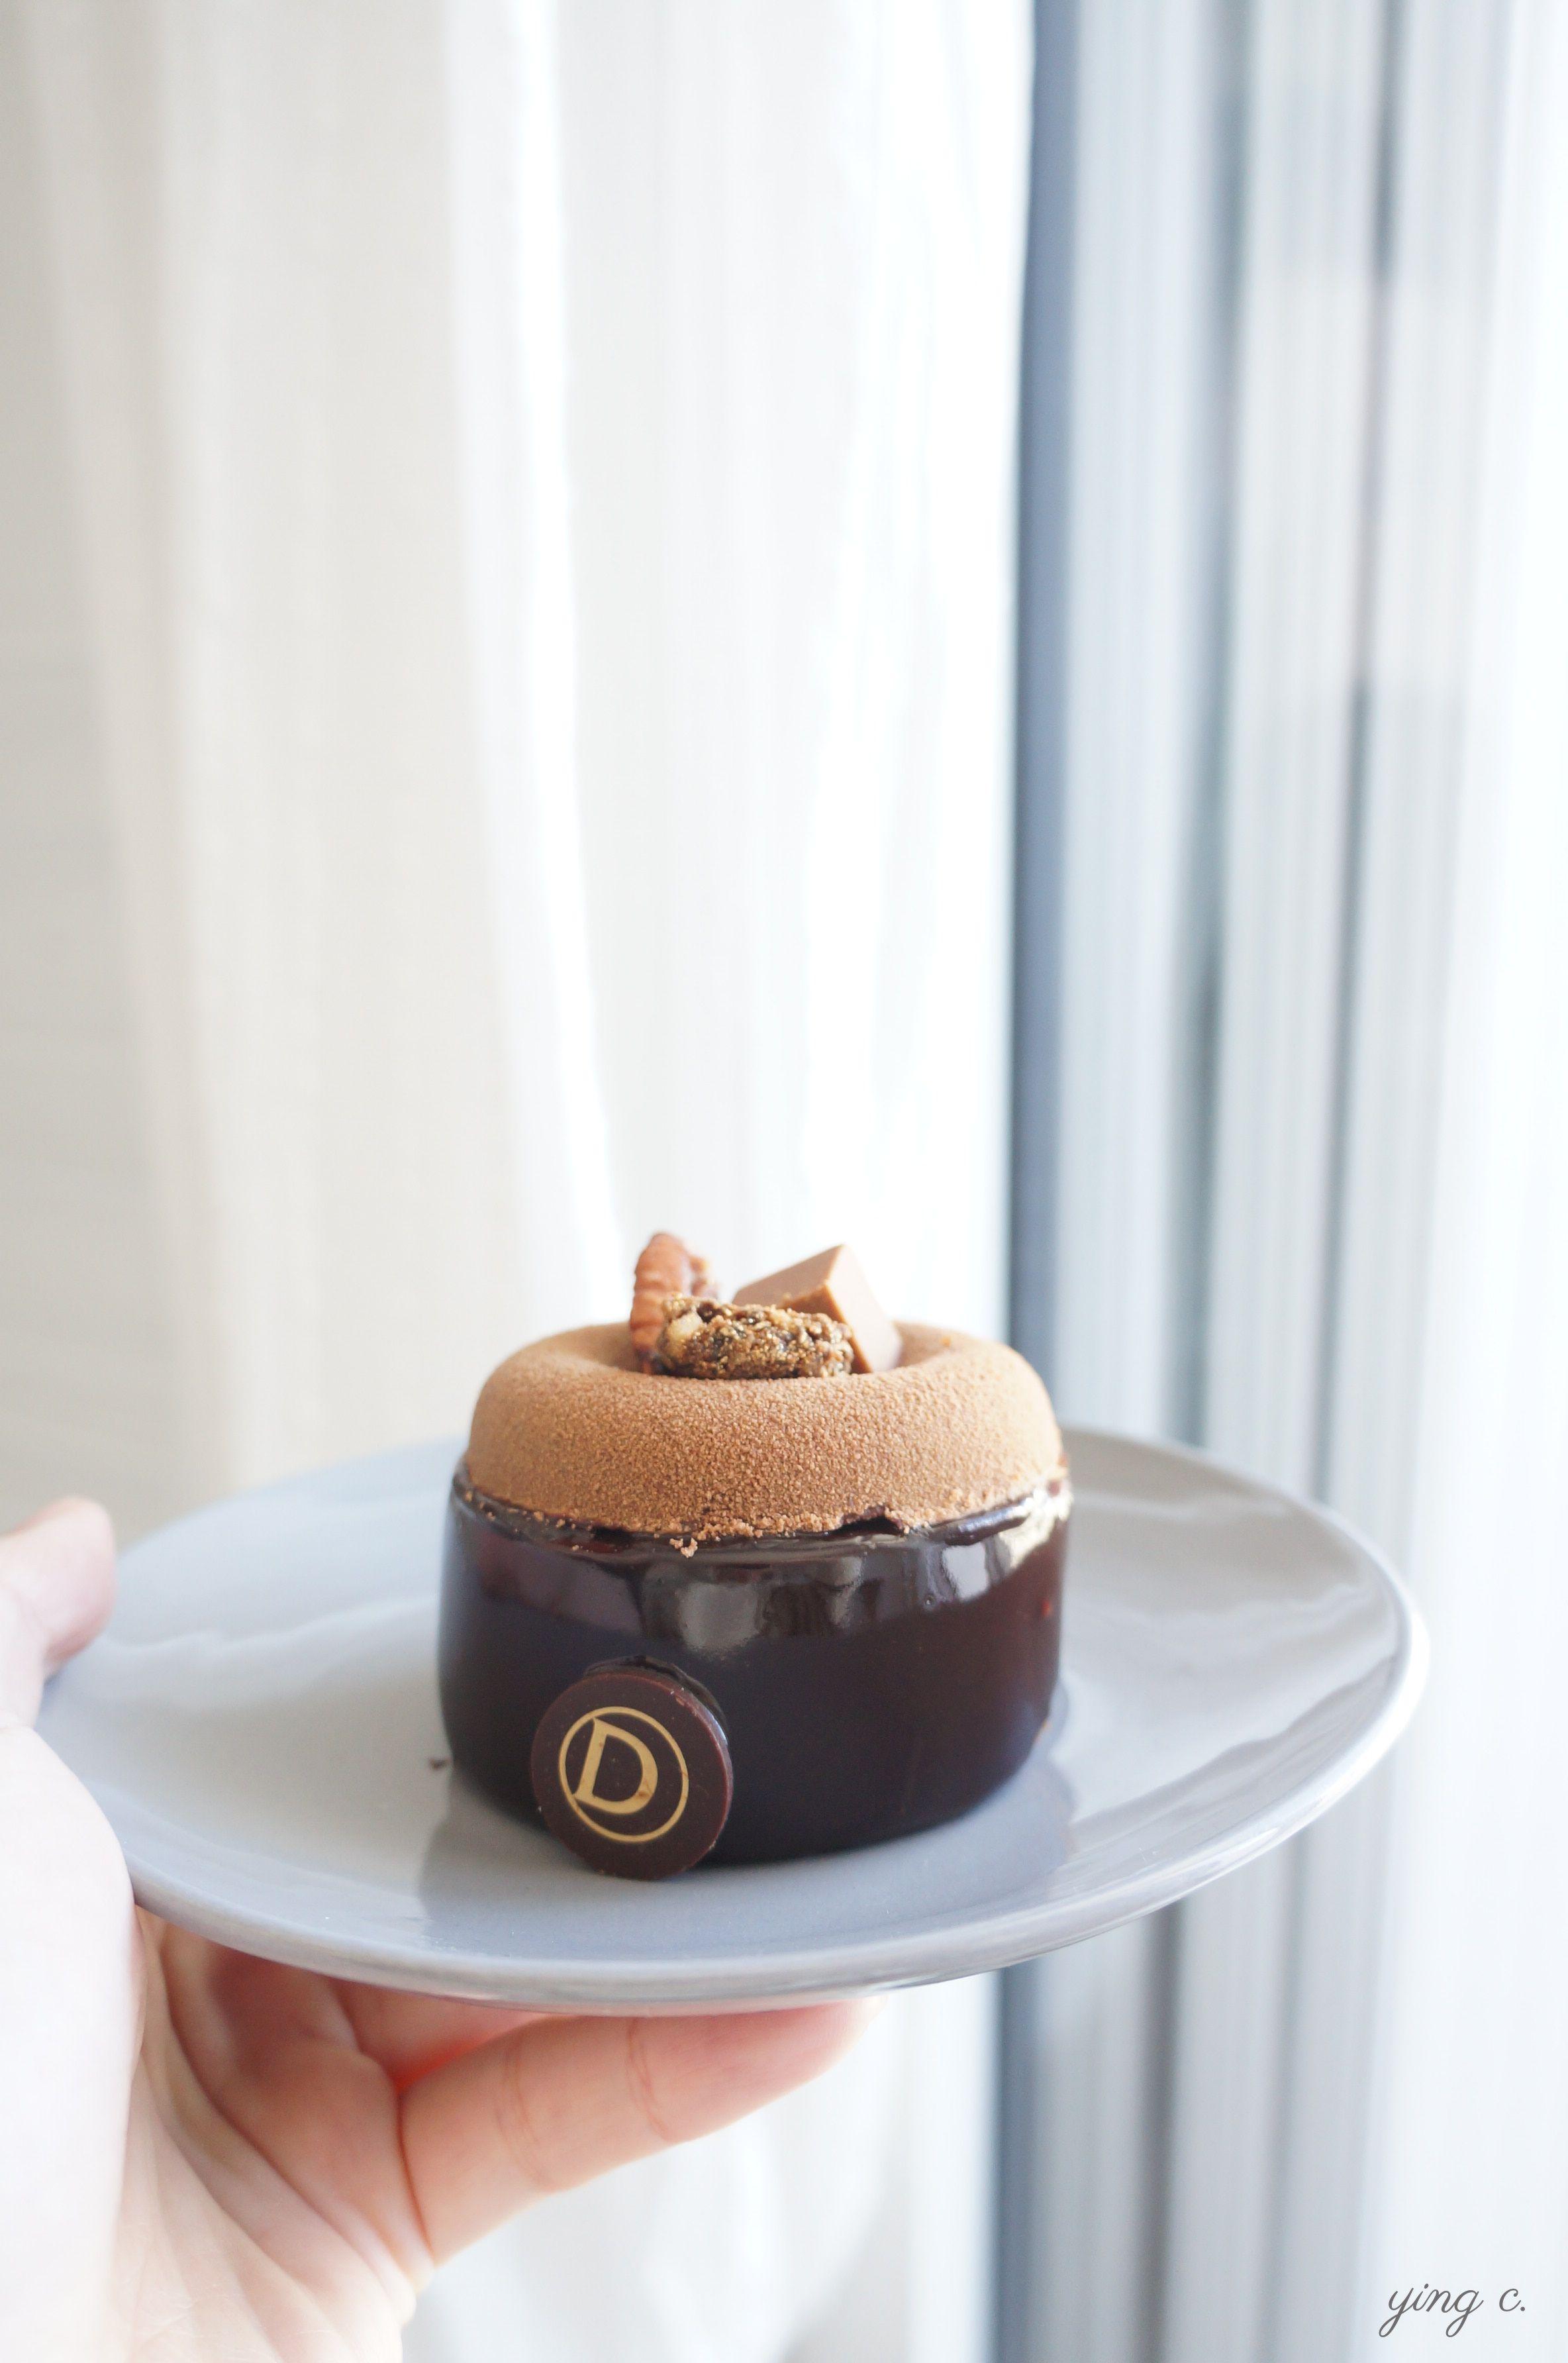 Jérémy的主廚新作品「Euporie」,演繹巧克力與榛果兩大秋冬主題。